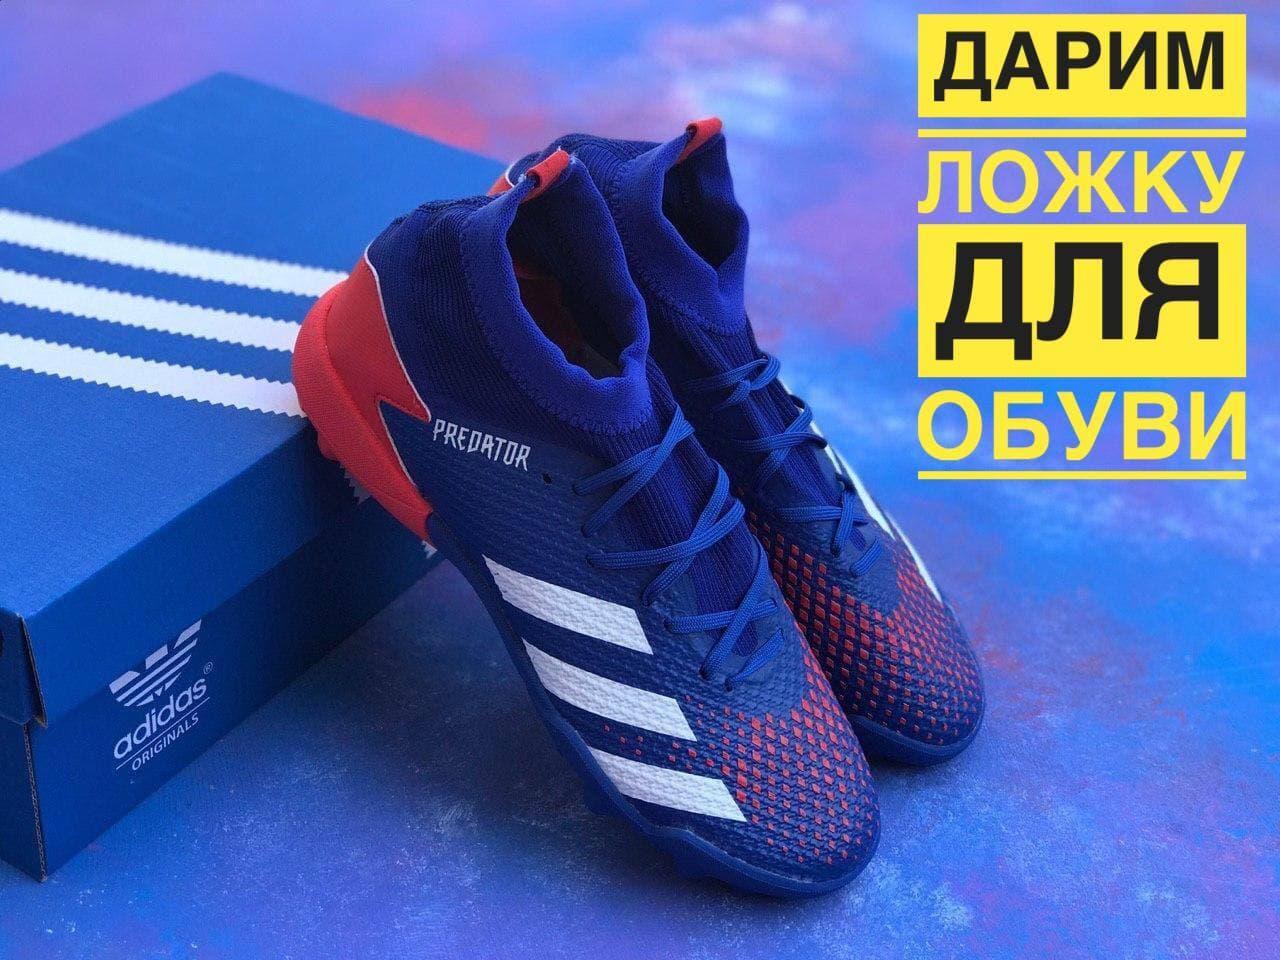 Сороконожки Adidas Predator 20.3 многошиповки адидас предатор с носком футбольная обувь